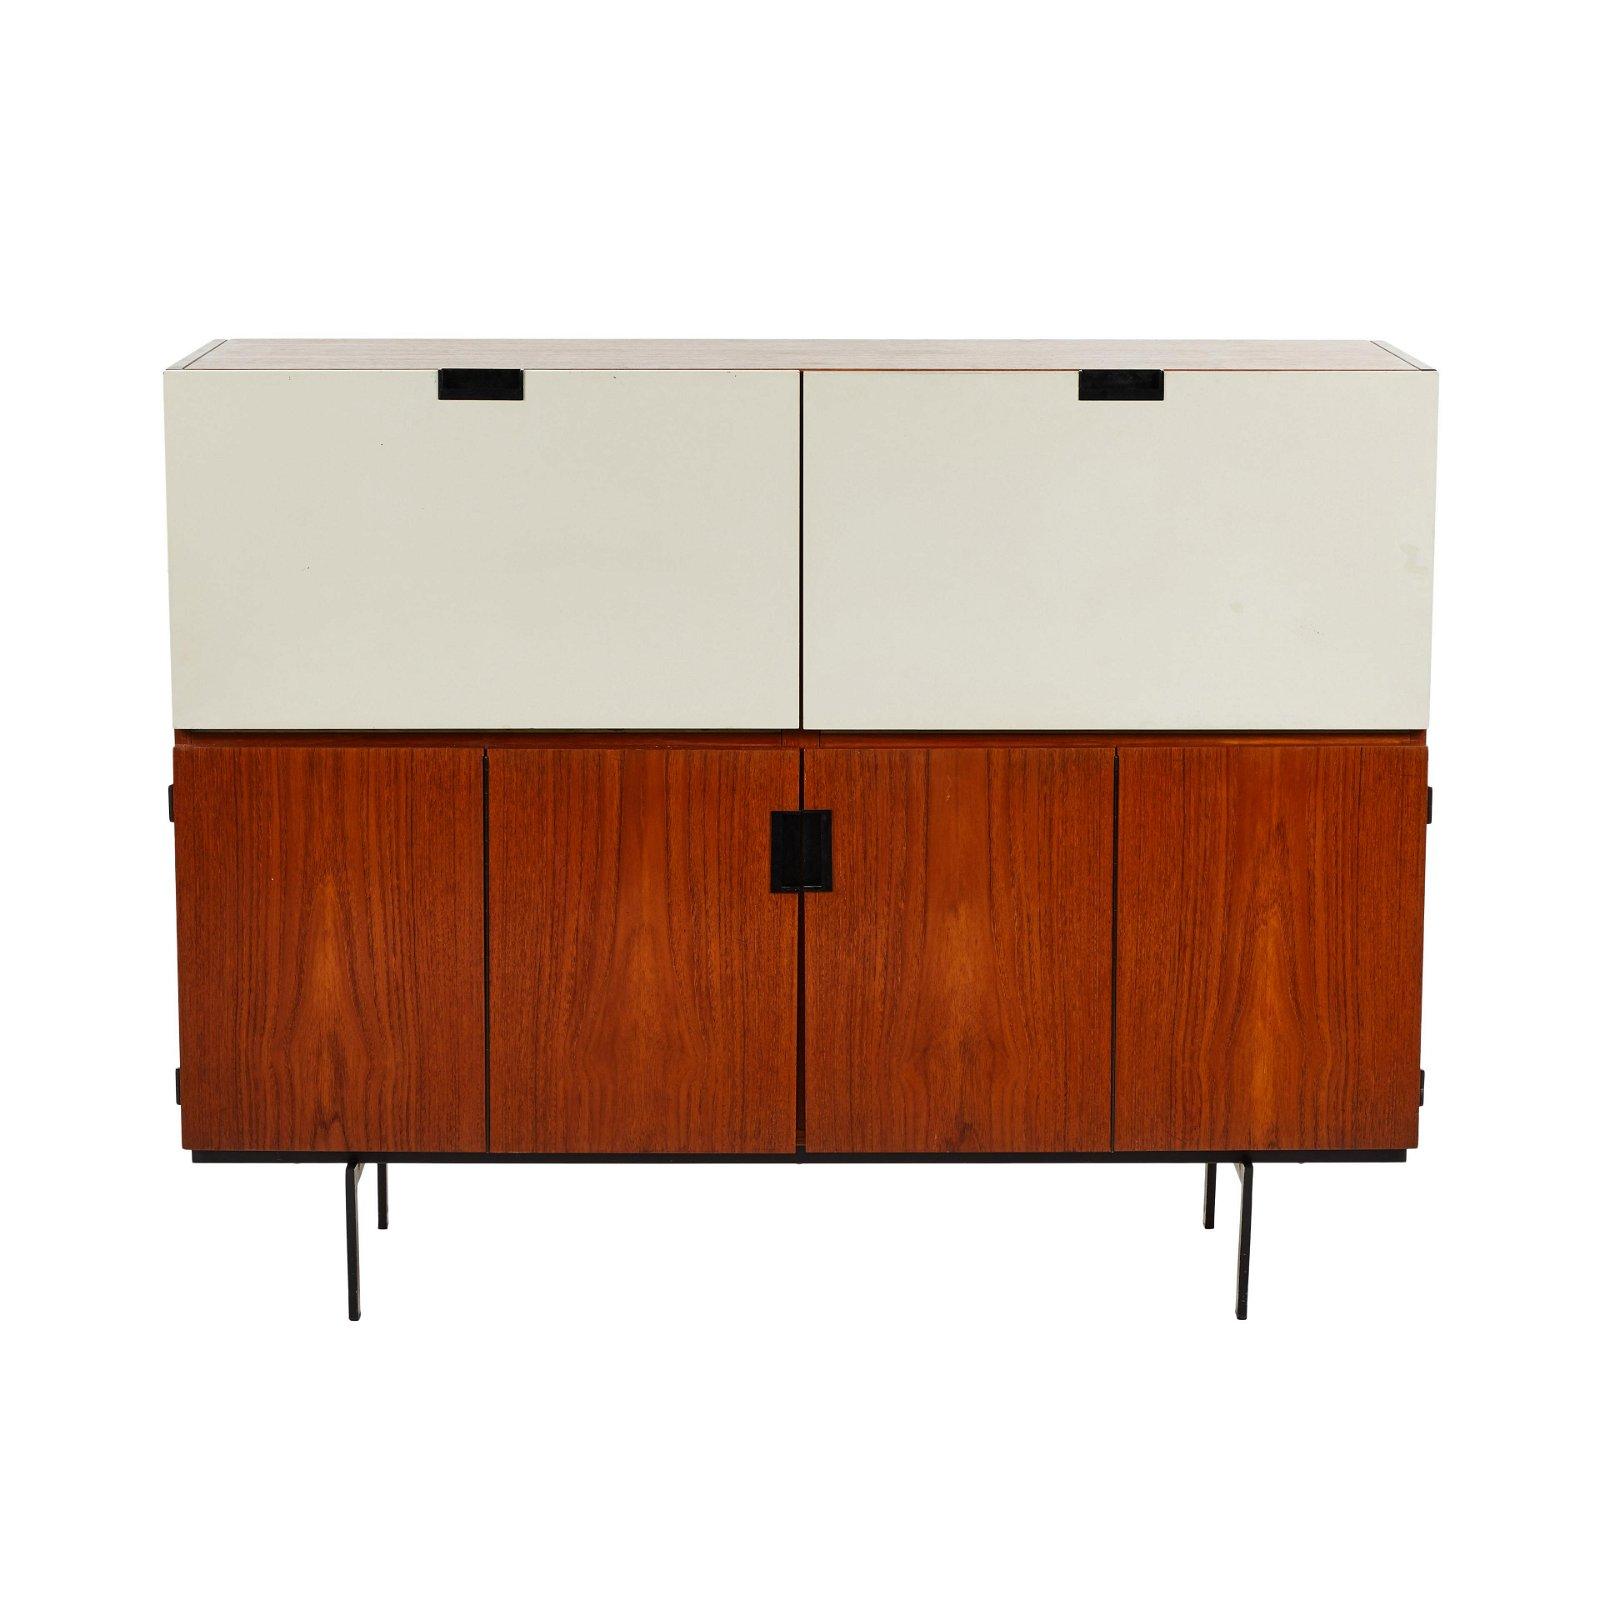 Cees Braakman CU07 Japanese Series Cabinet